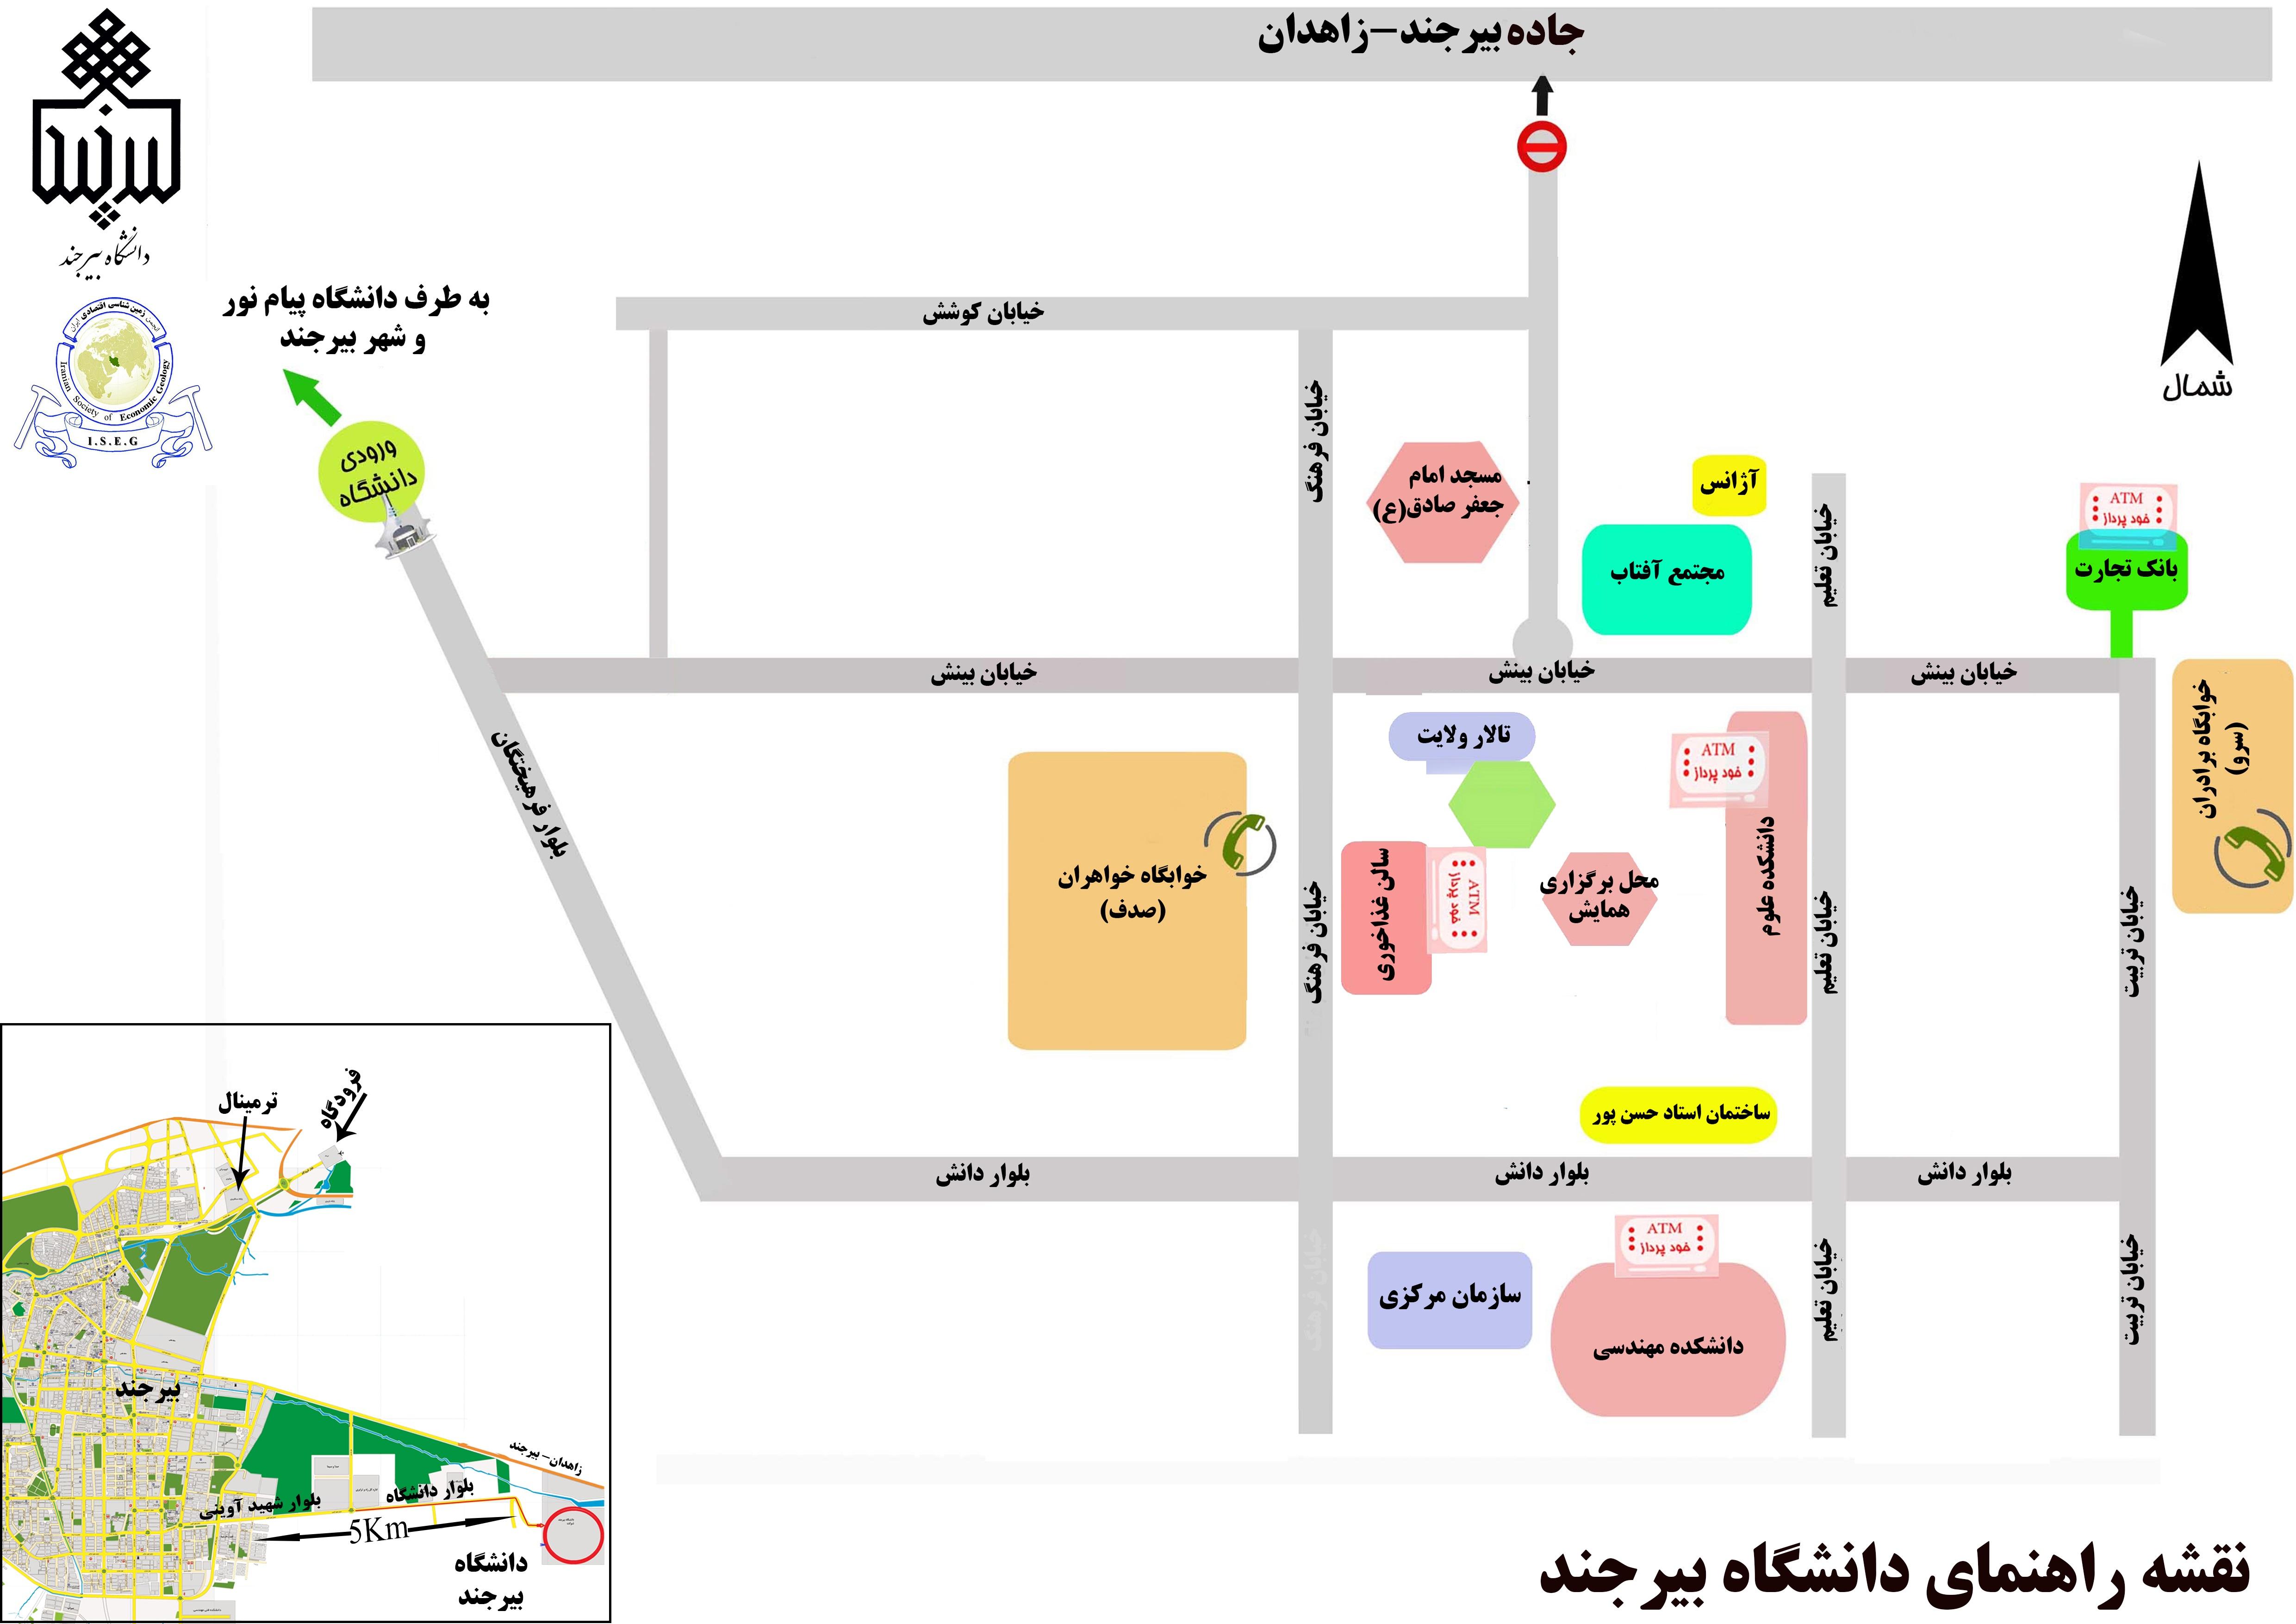 نقشه دانشگاه بیرجند و محل برگزاری همایش